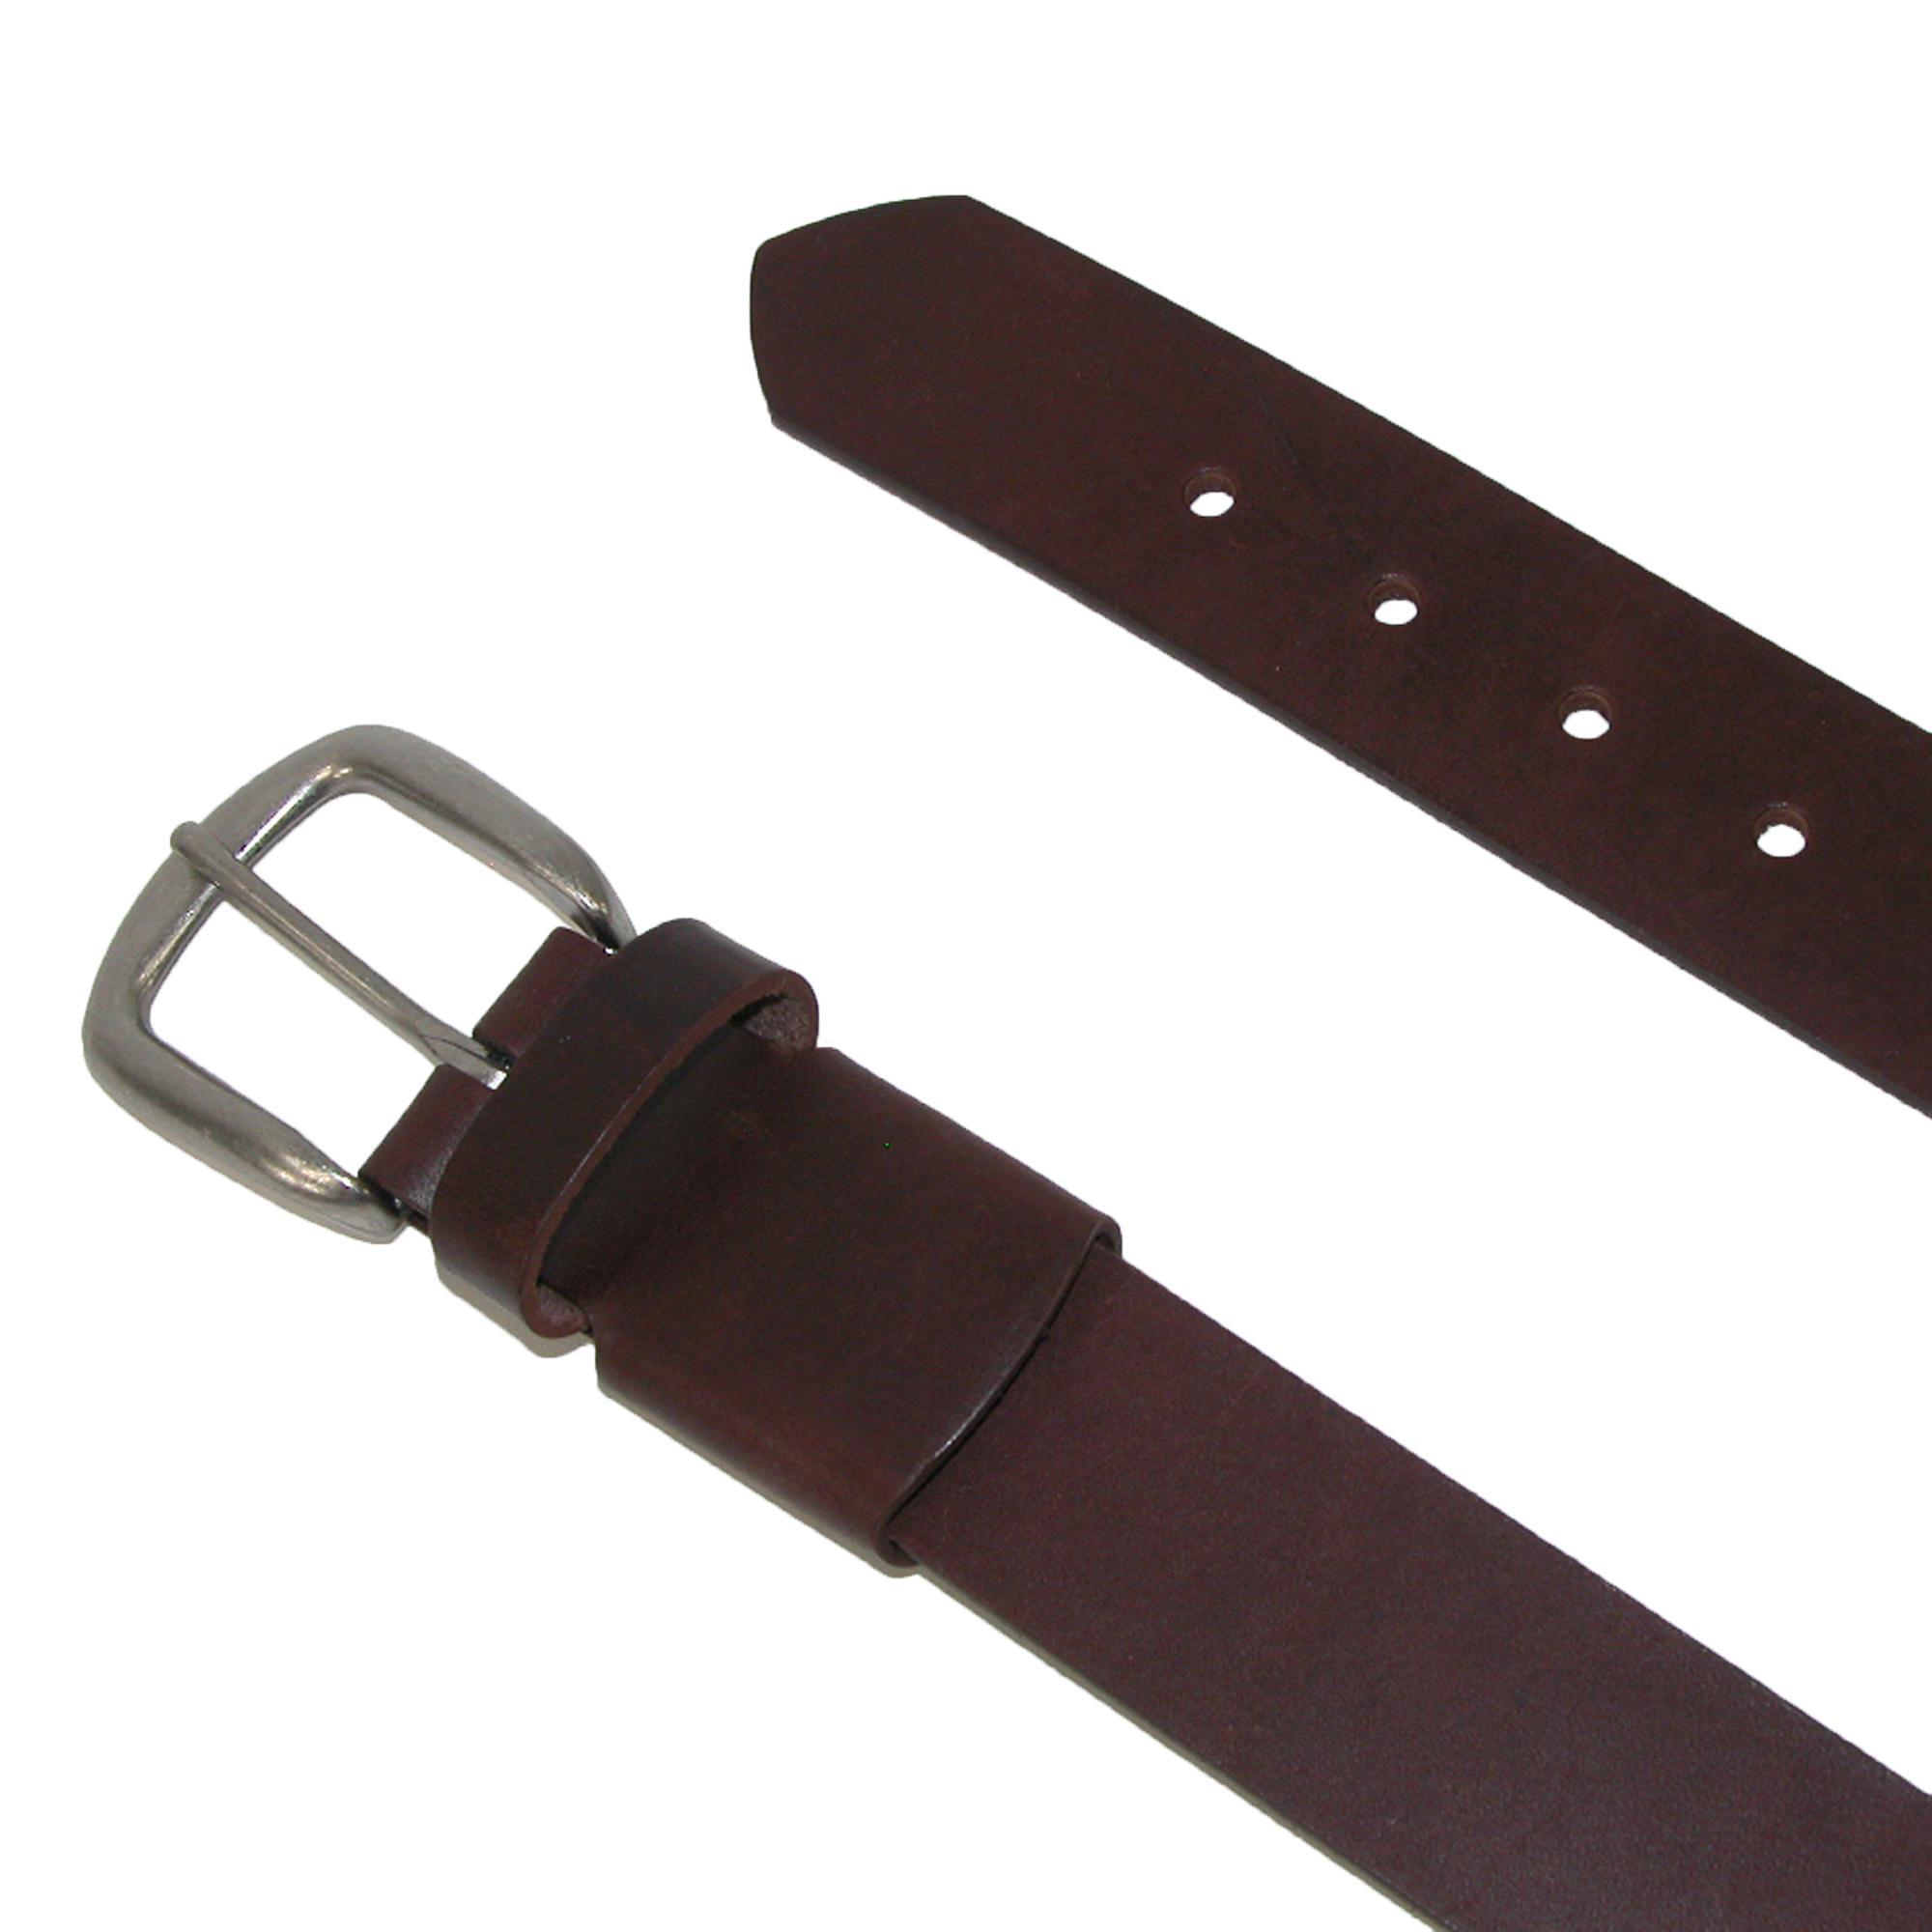 Nouveau-Boston-Leather-Men-039-s-Stretch-Cuir-Bride-Ceinture-Avec-Cache-elastique miniature 3